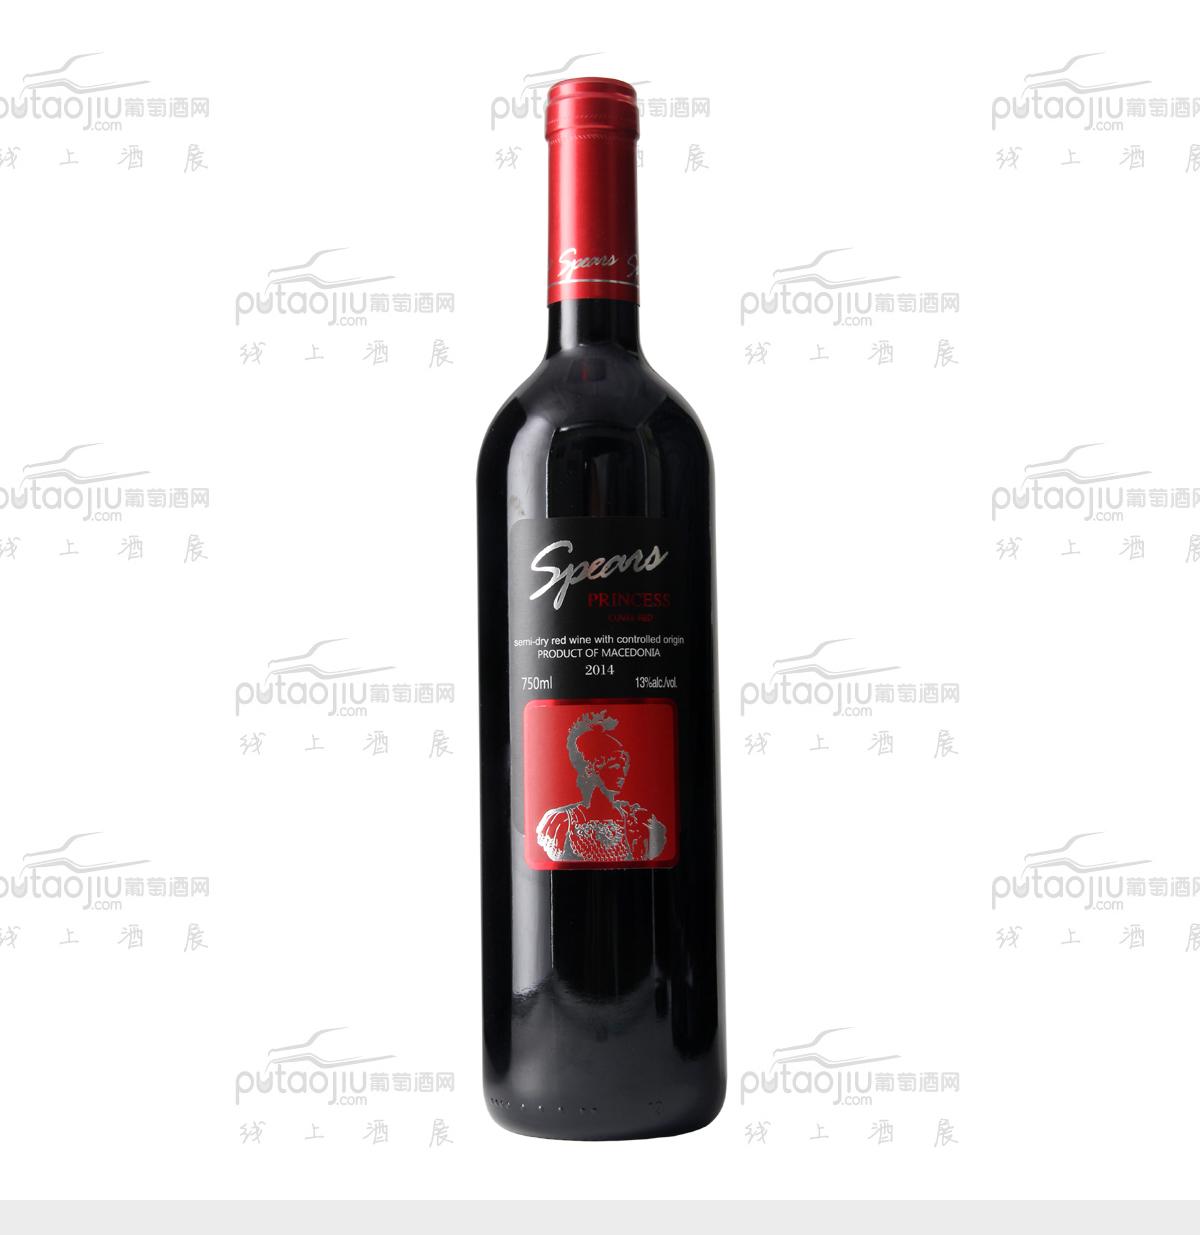 公主干红葡萄酒